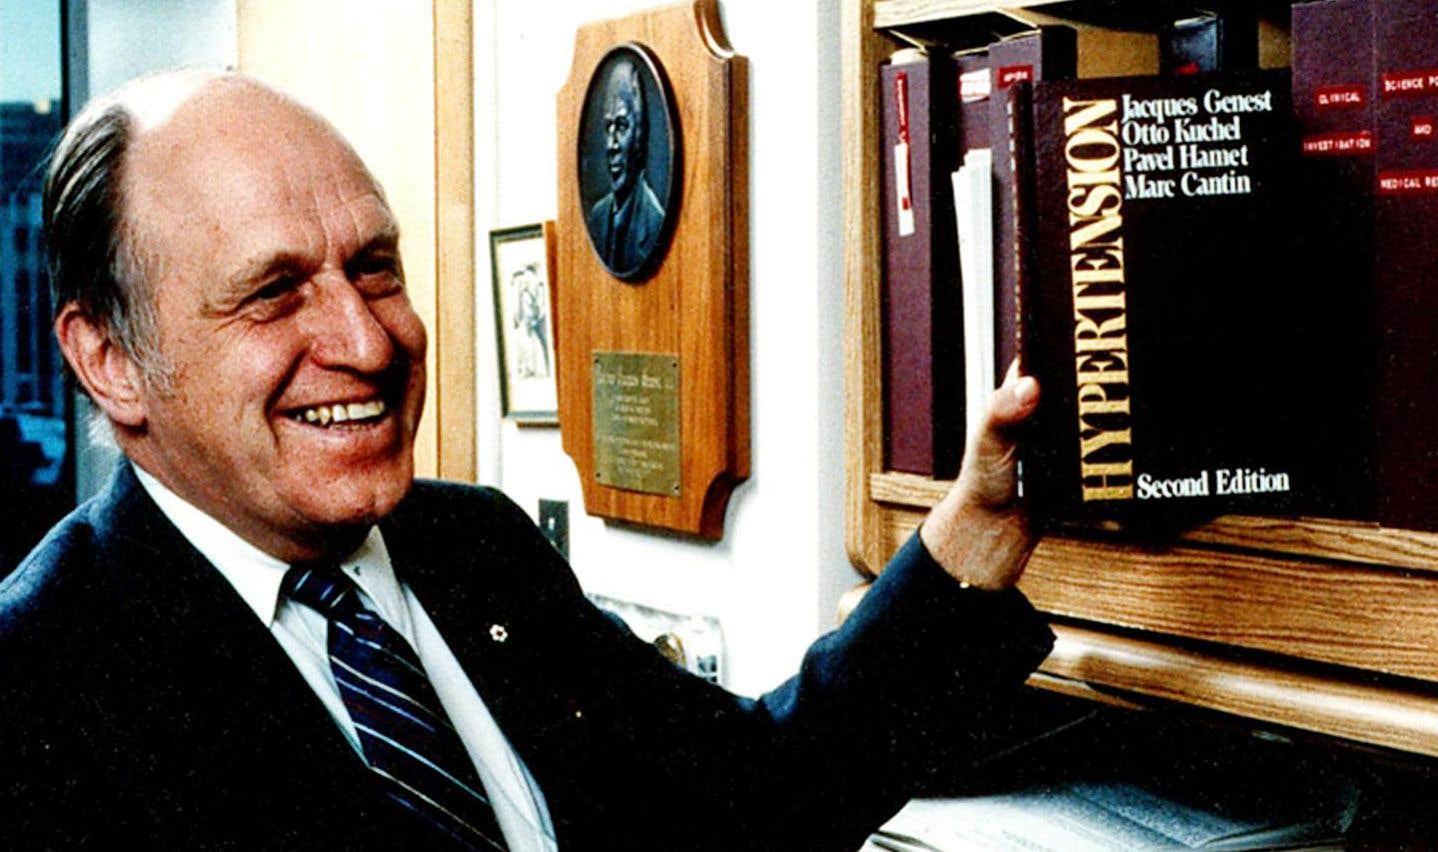 Le Dr Jacques Genest, pionnier de la recherche clinique au Québec, s'est éteint le 5 janvier dernier à l'âge de 98 ans.